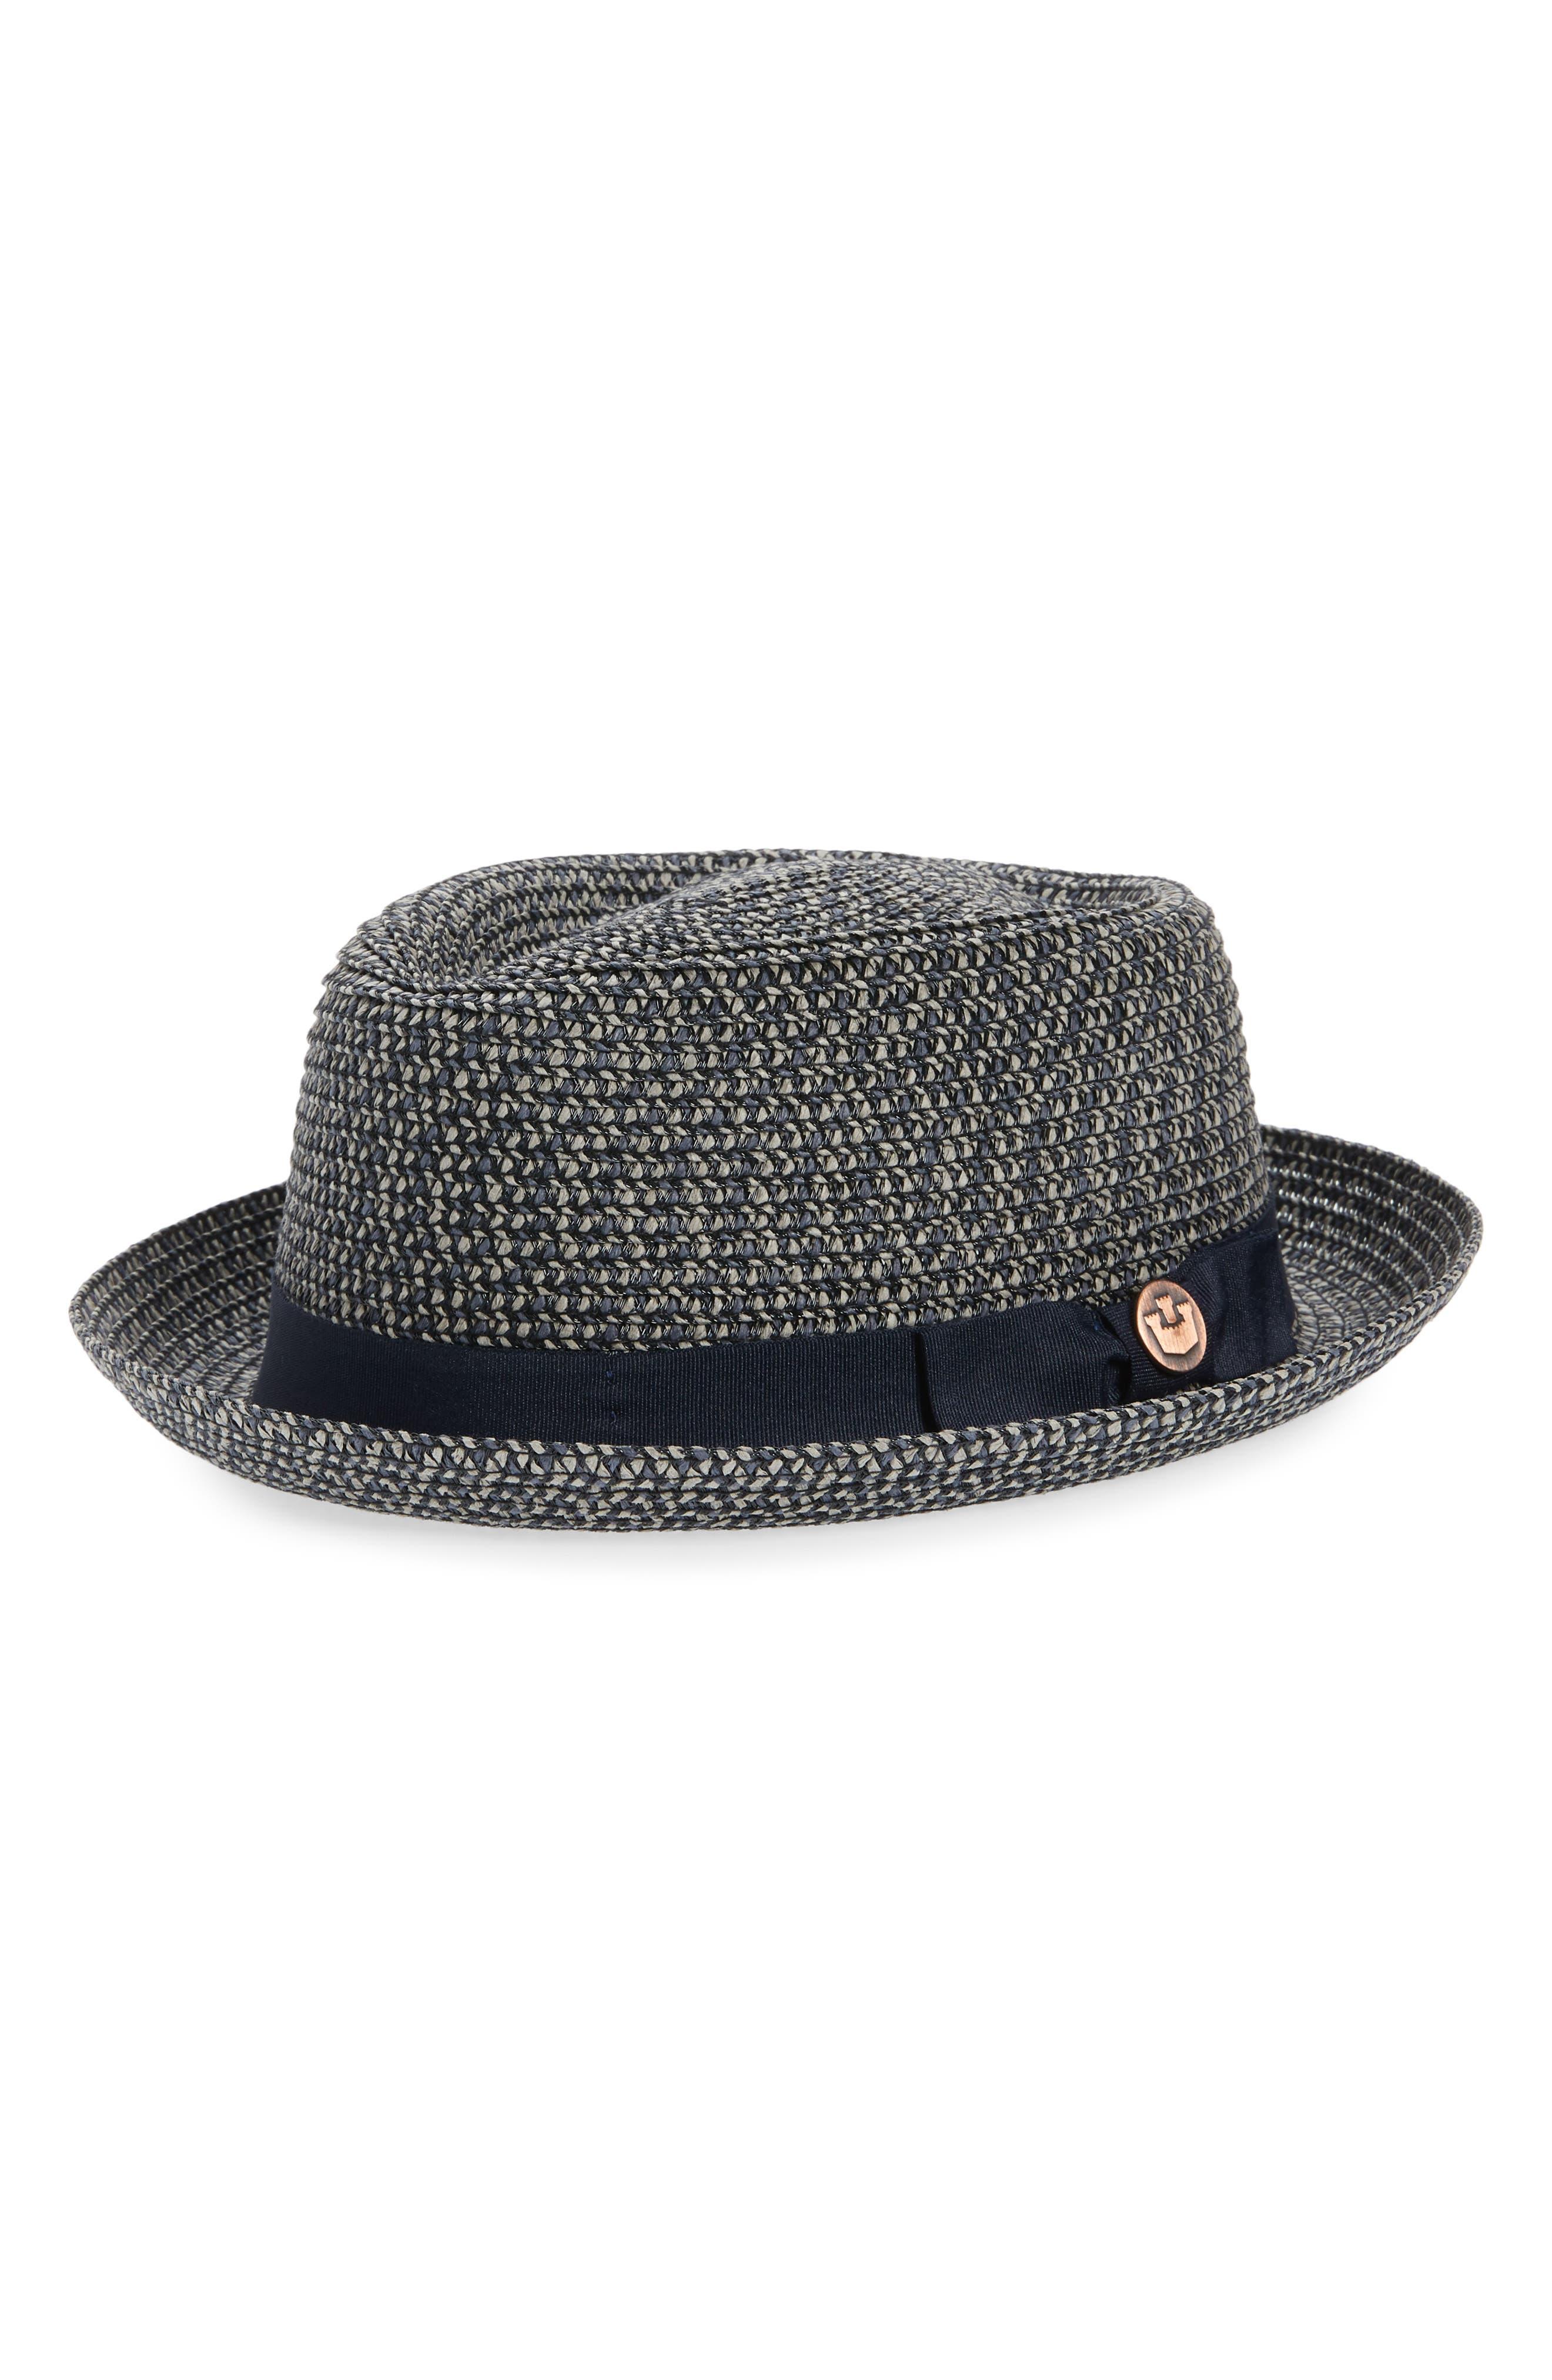 . Low Country Straw Porkpie Hat